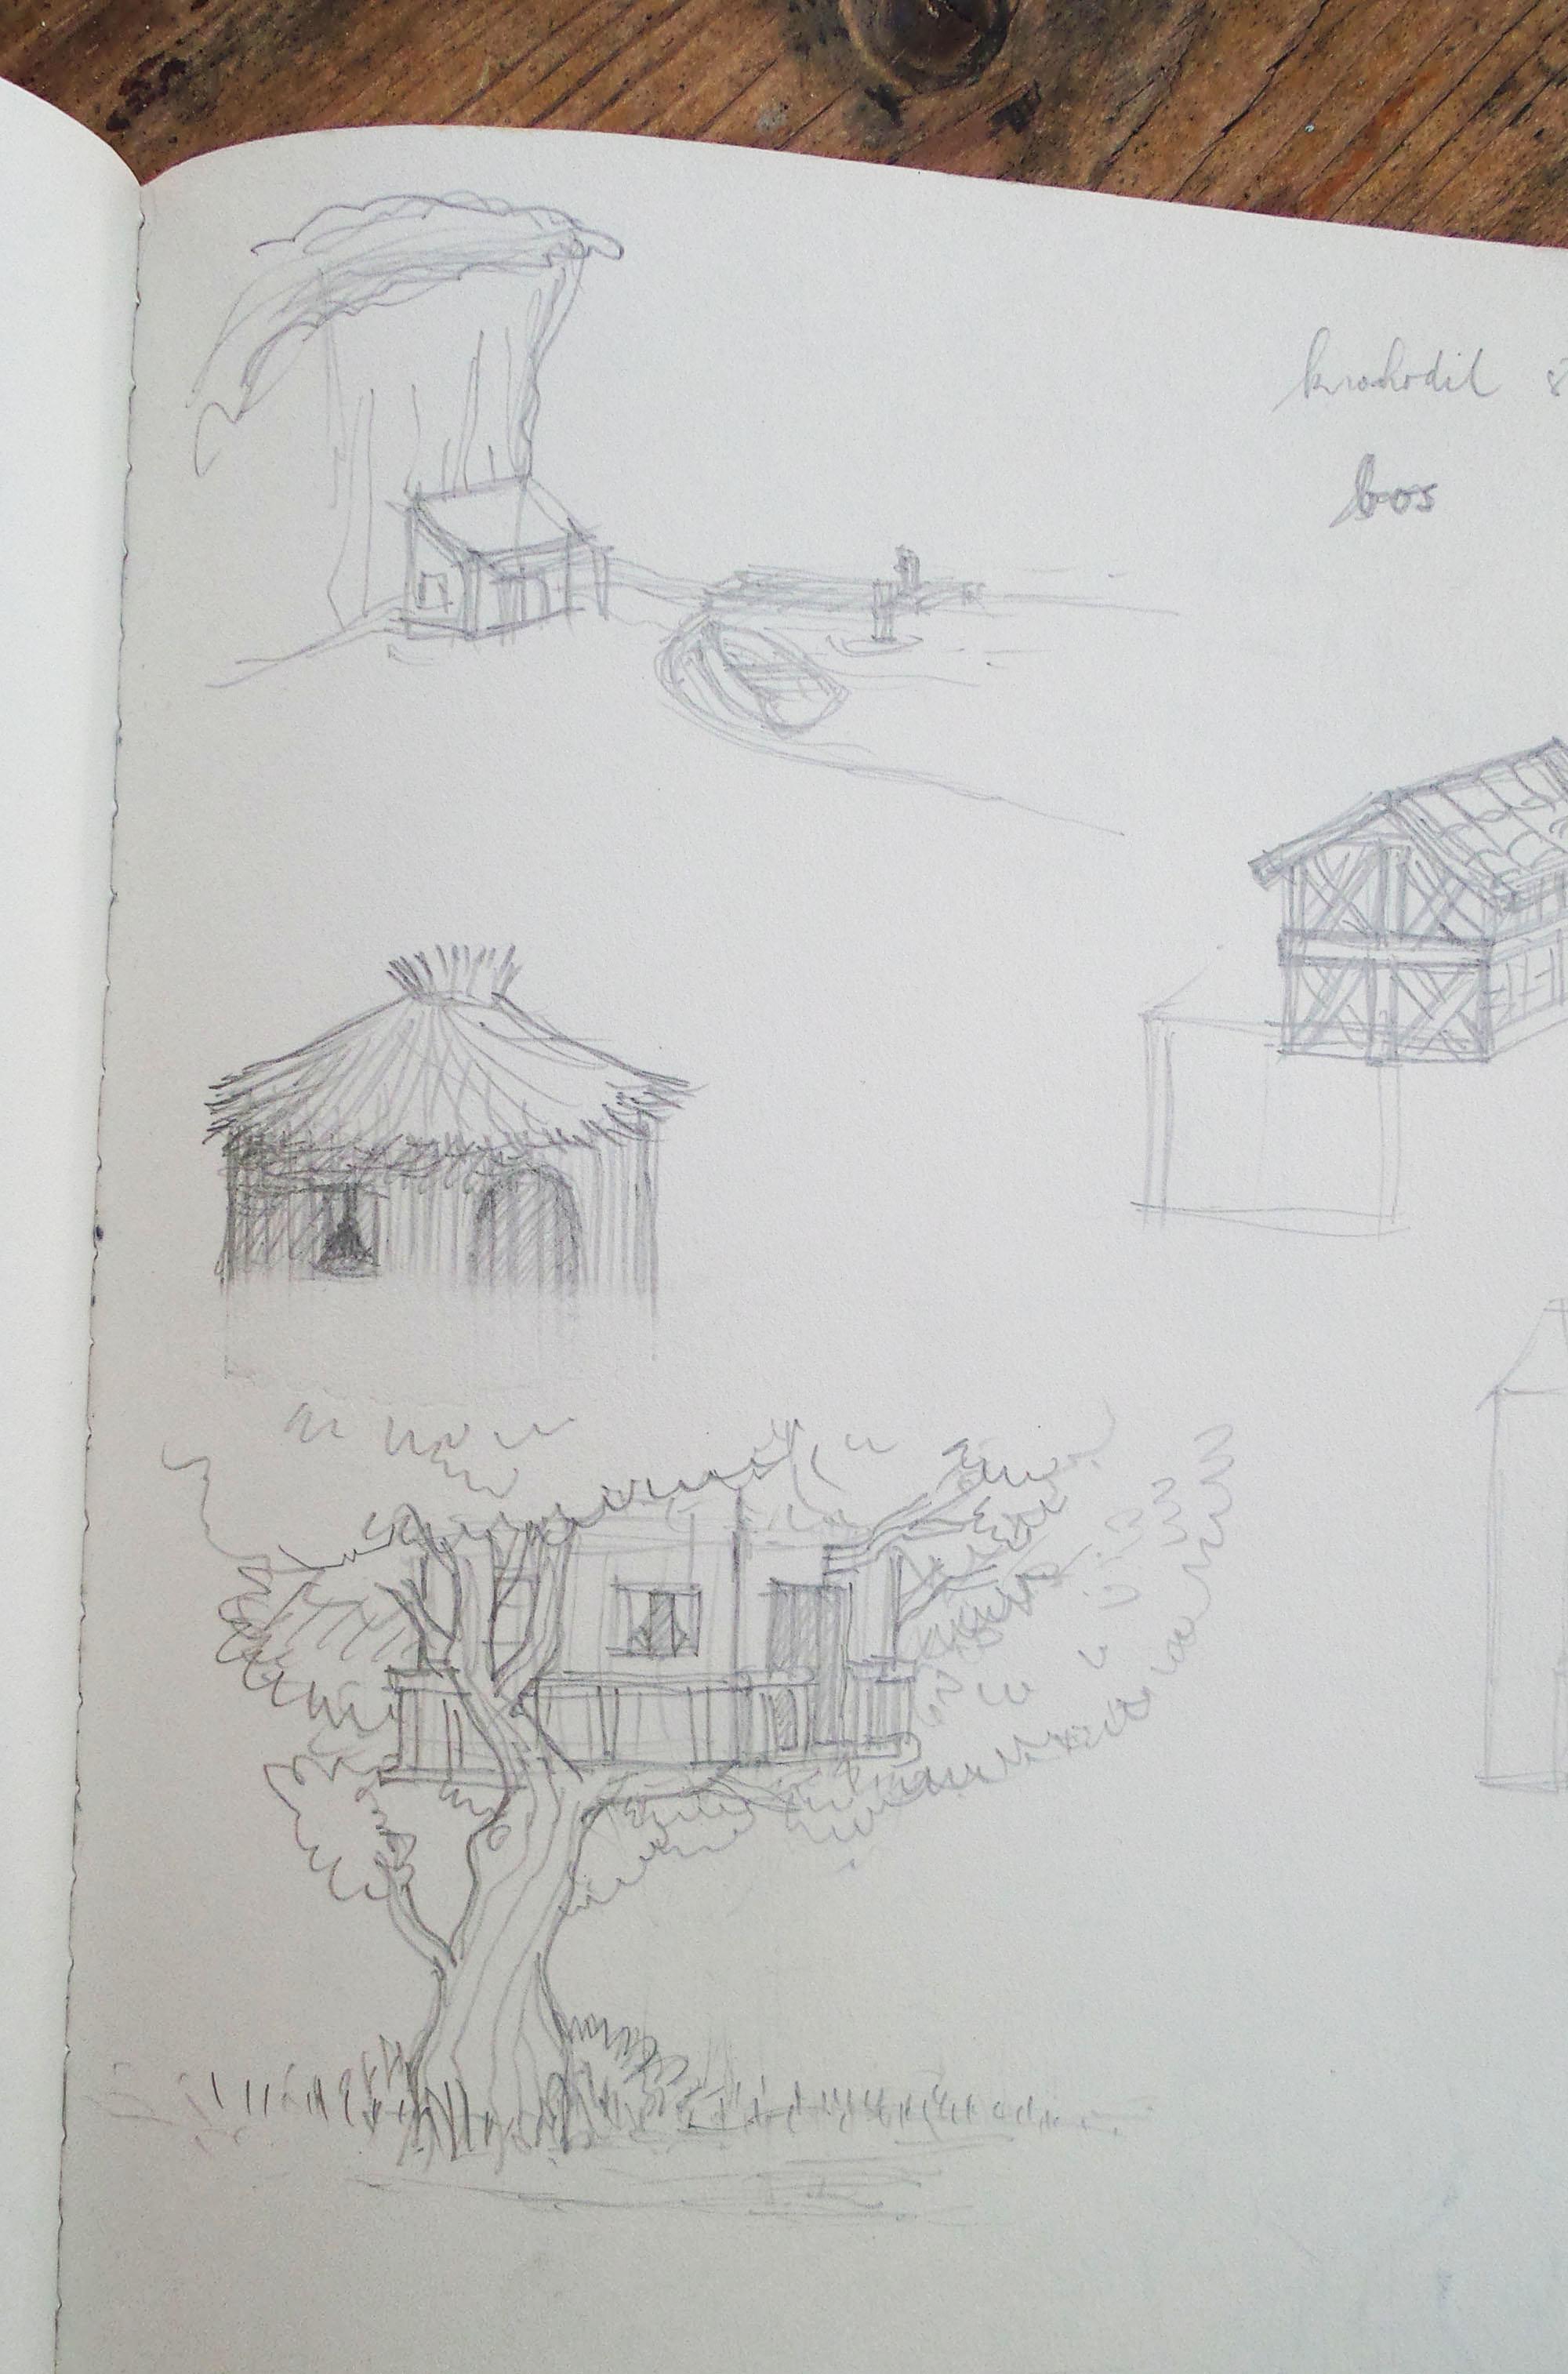 schets van de boomhut van Zebra